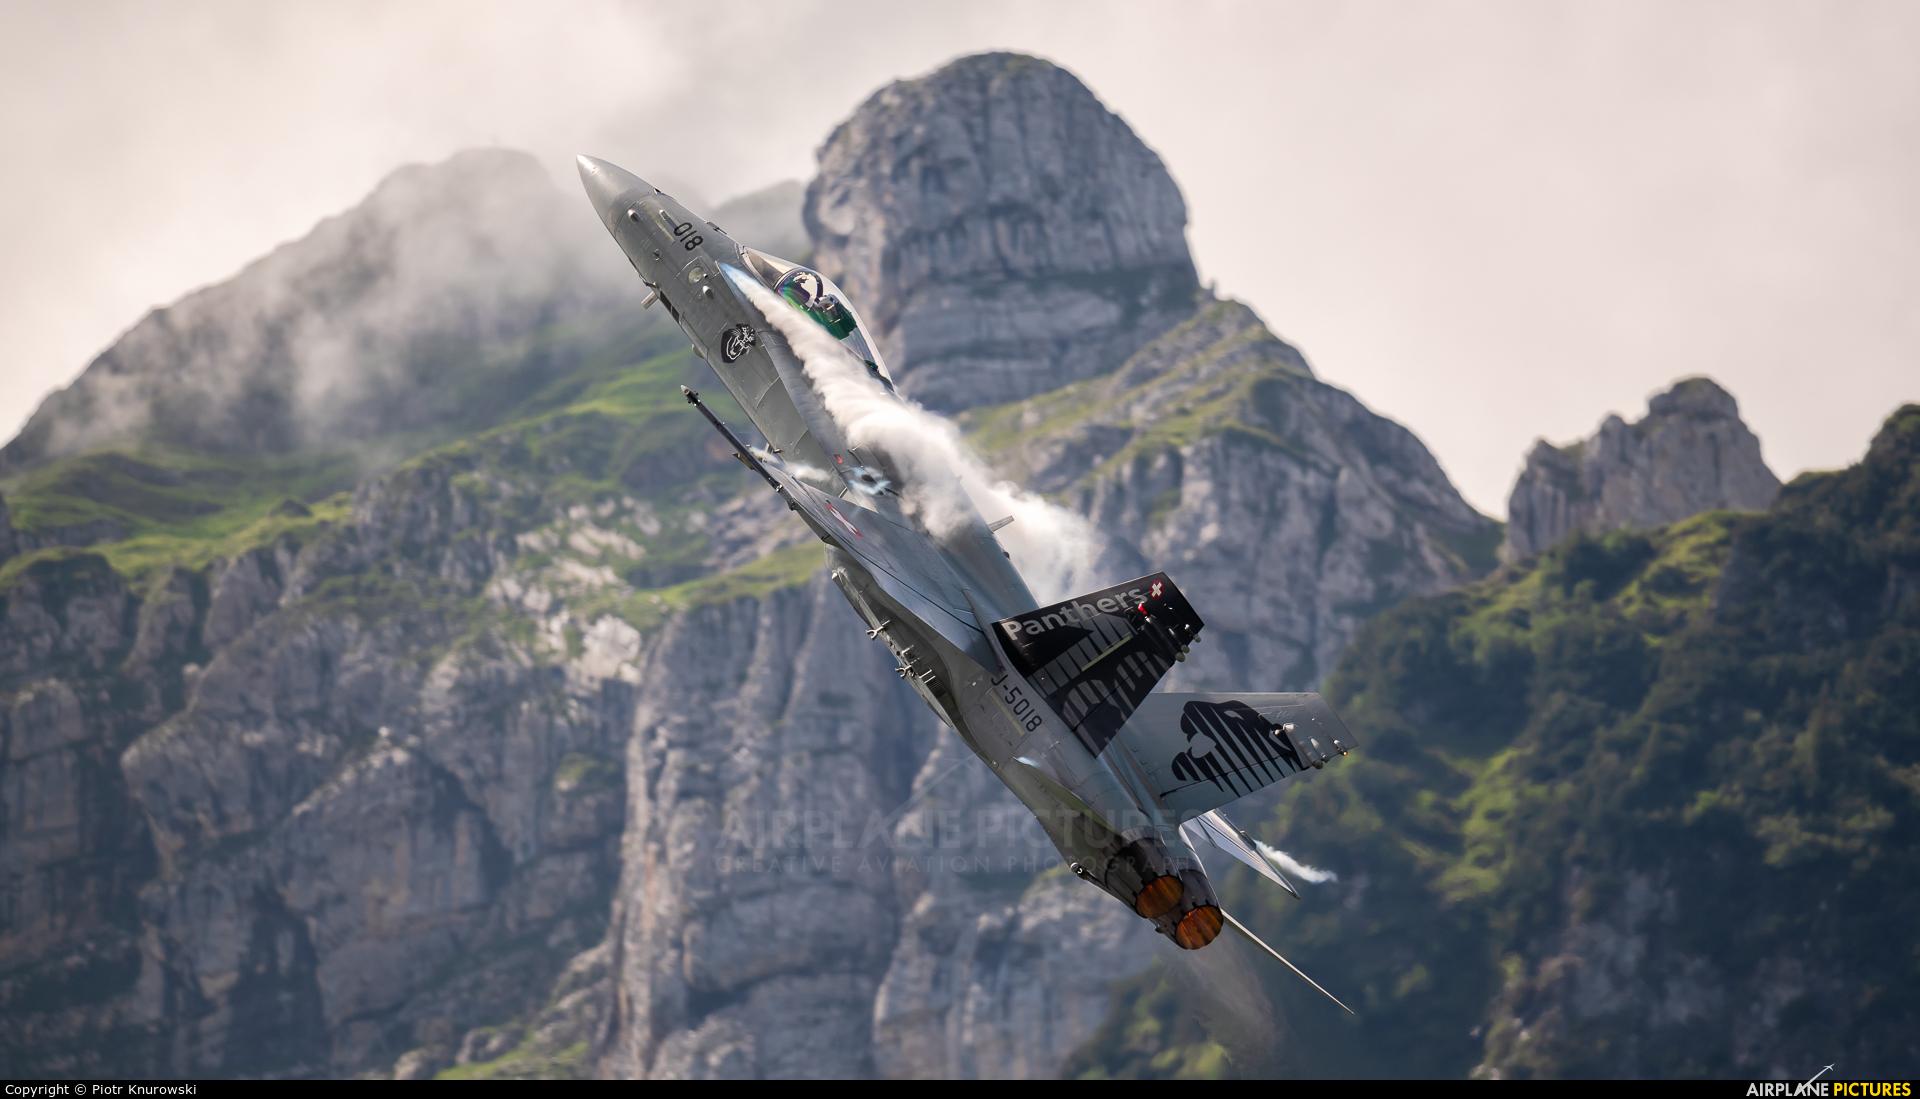 Switzerland - Air Force J-5018 aircraft at Mollis